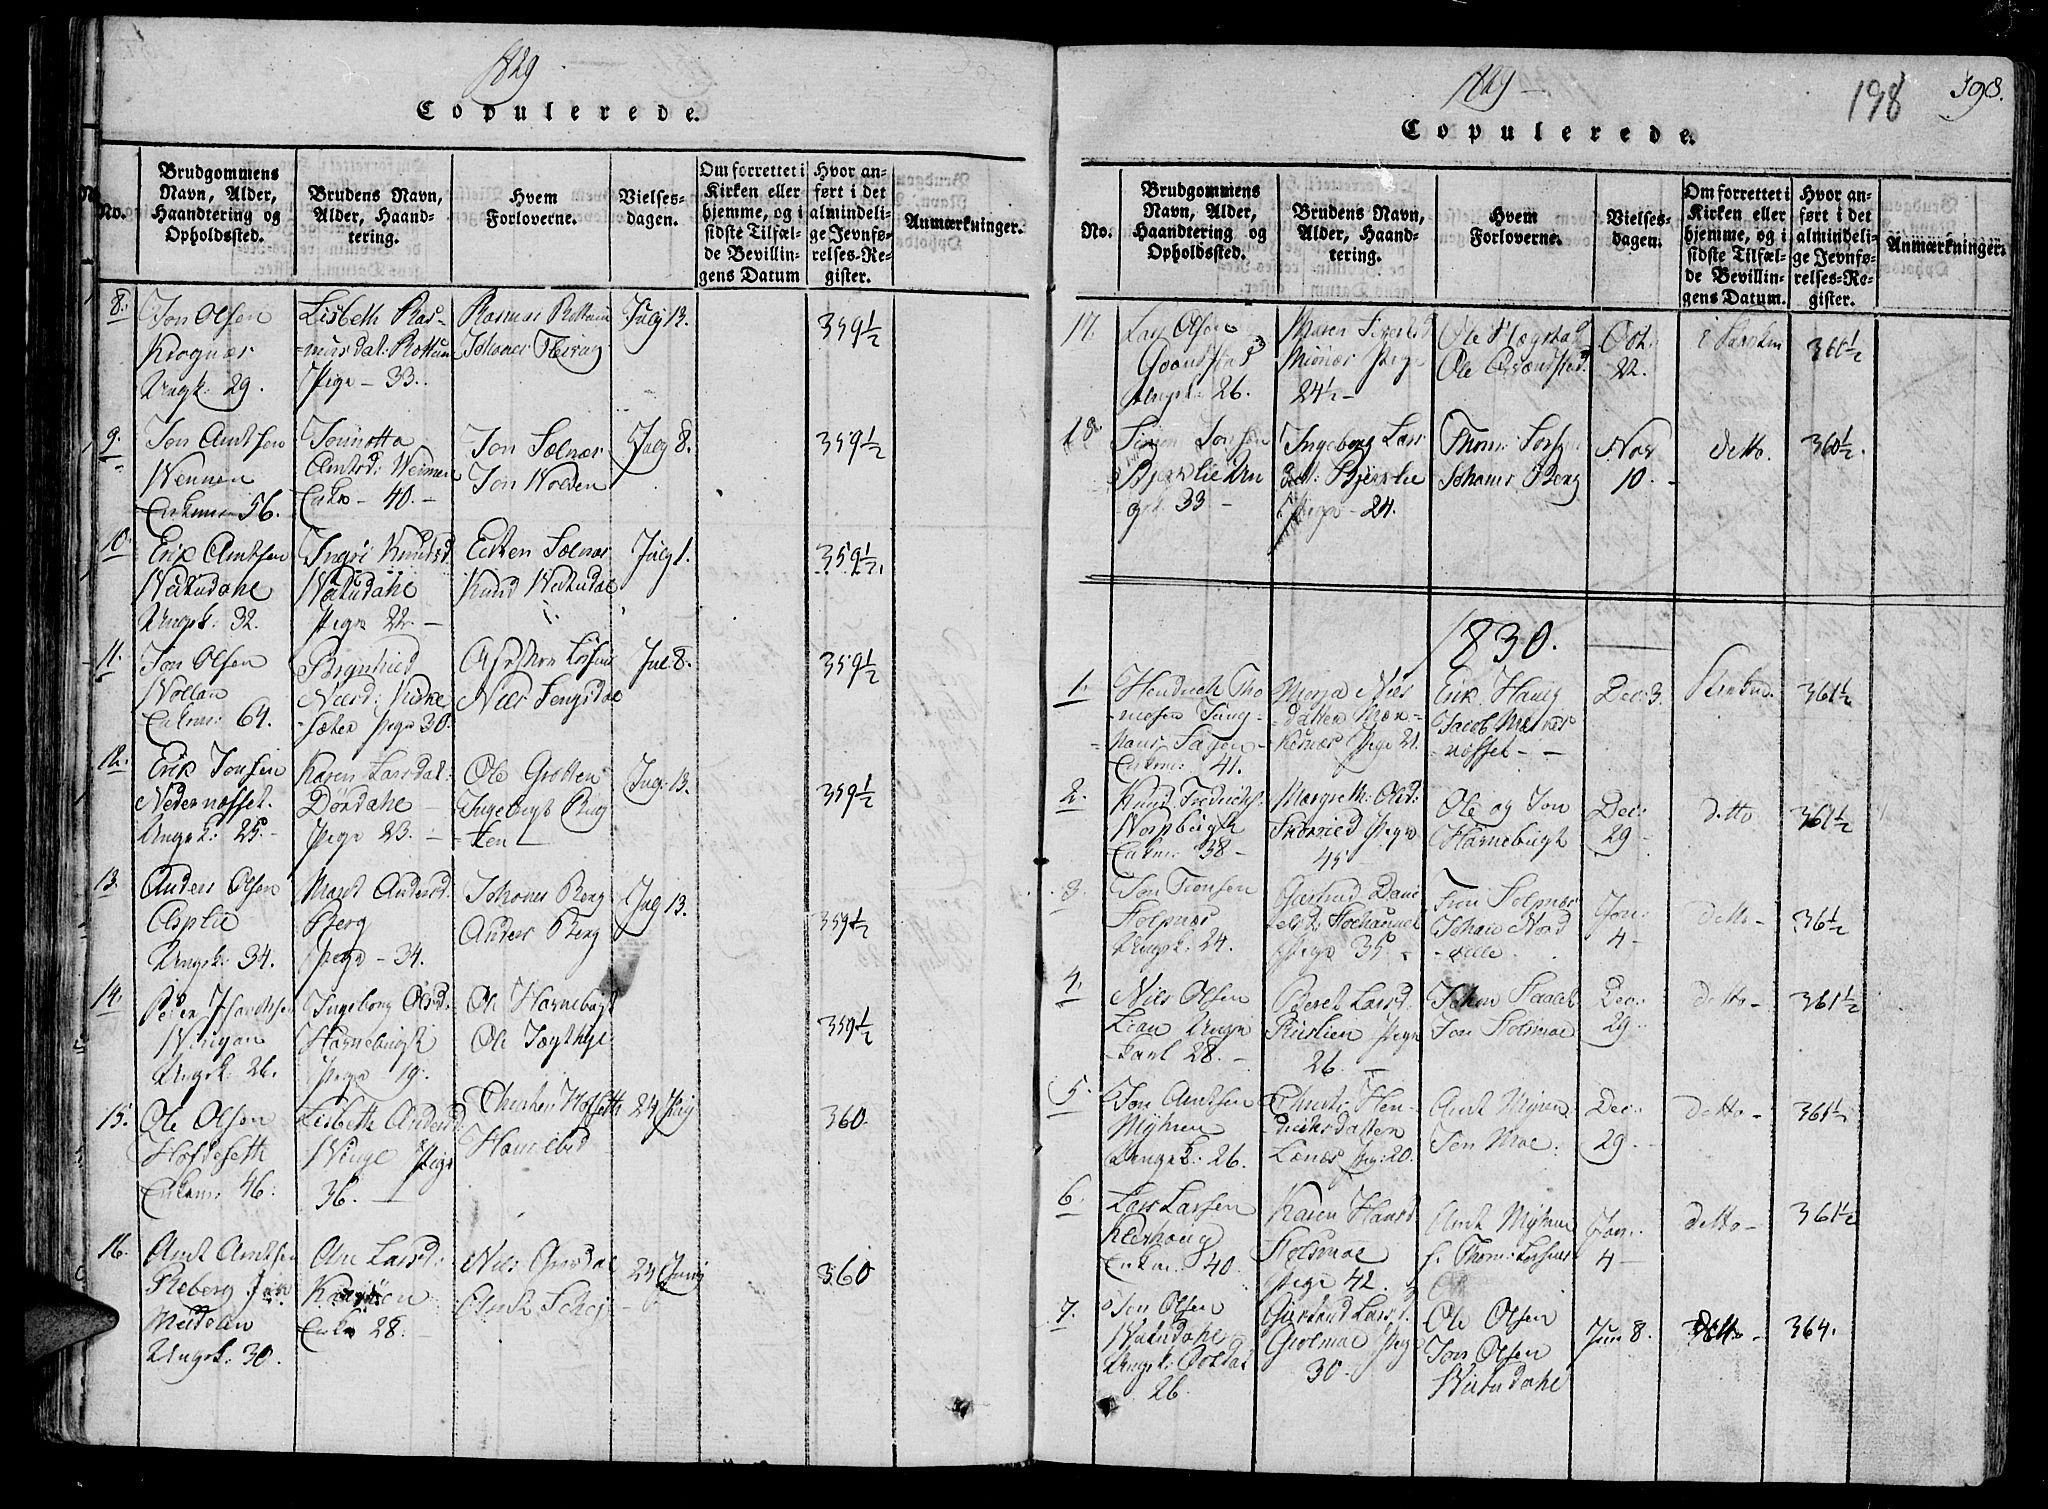 SAT, Ministerialprotokoller, klokkerbøker og fødselsregistre - Sør-Trøndelag, 630/L0491: Ministerialbok nr. 630A04, 1818-1830, s. 198